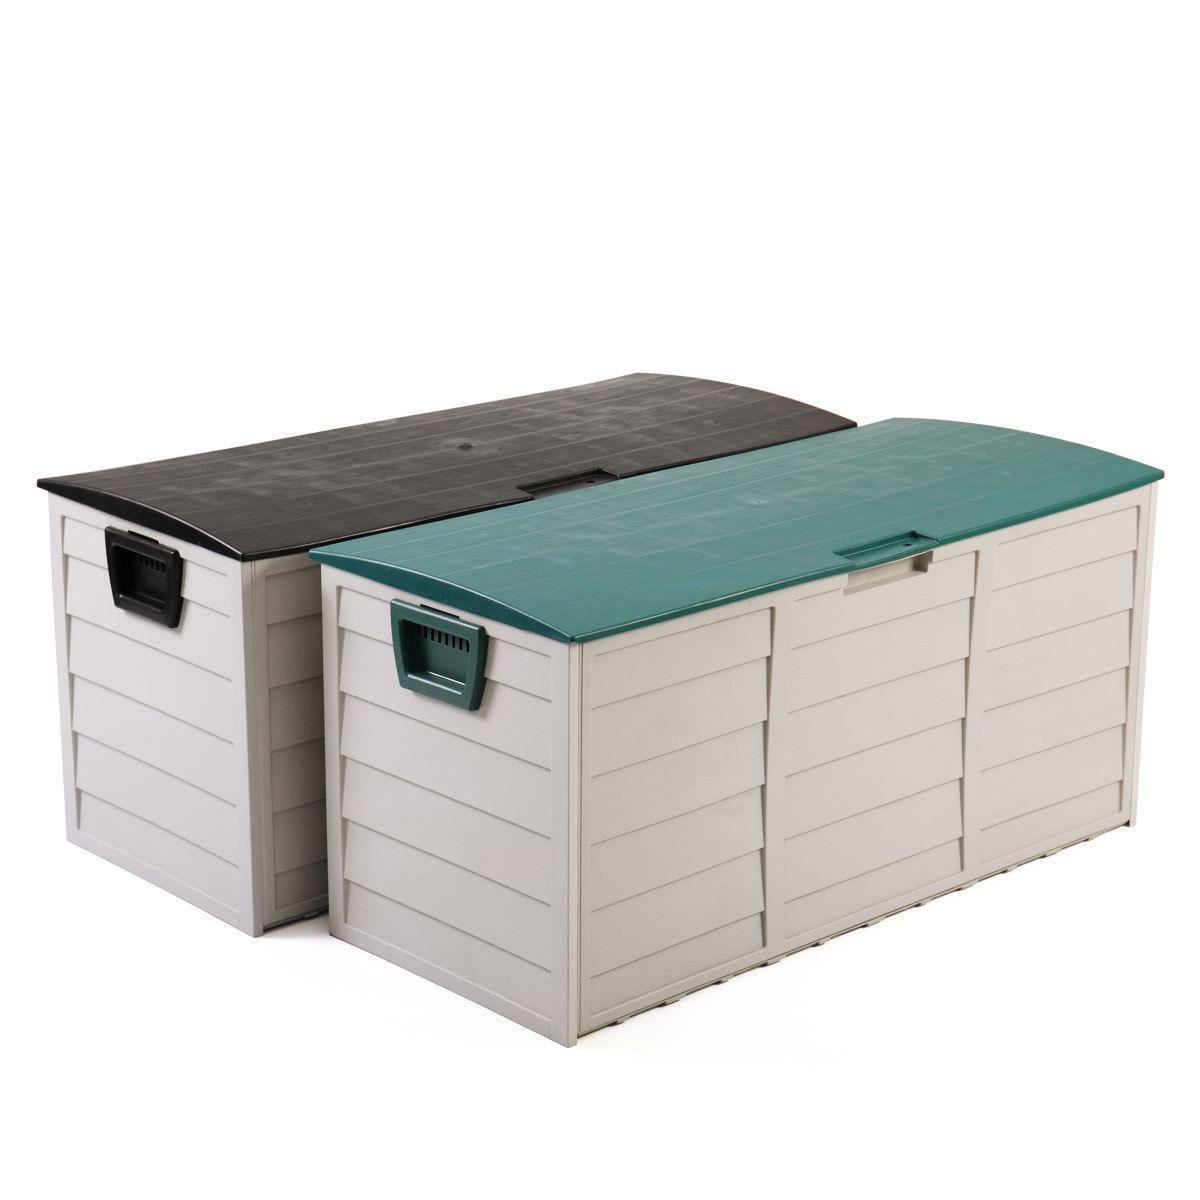 44 deck storage box outdoor patio garage